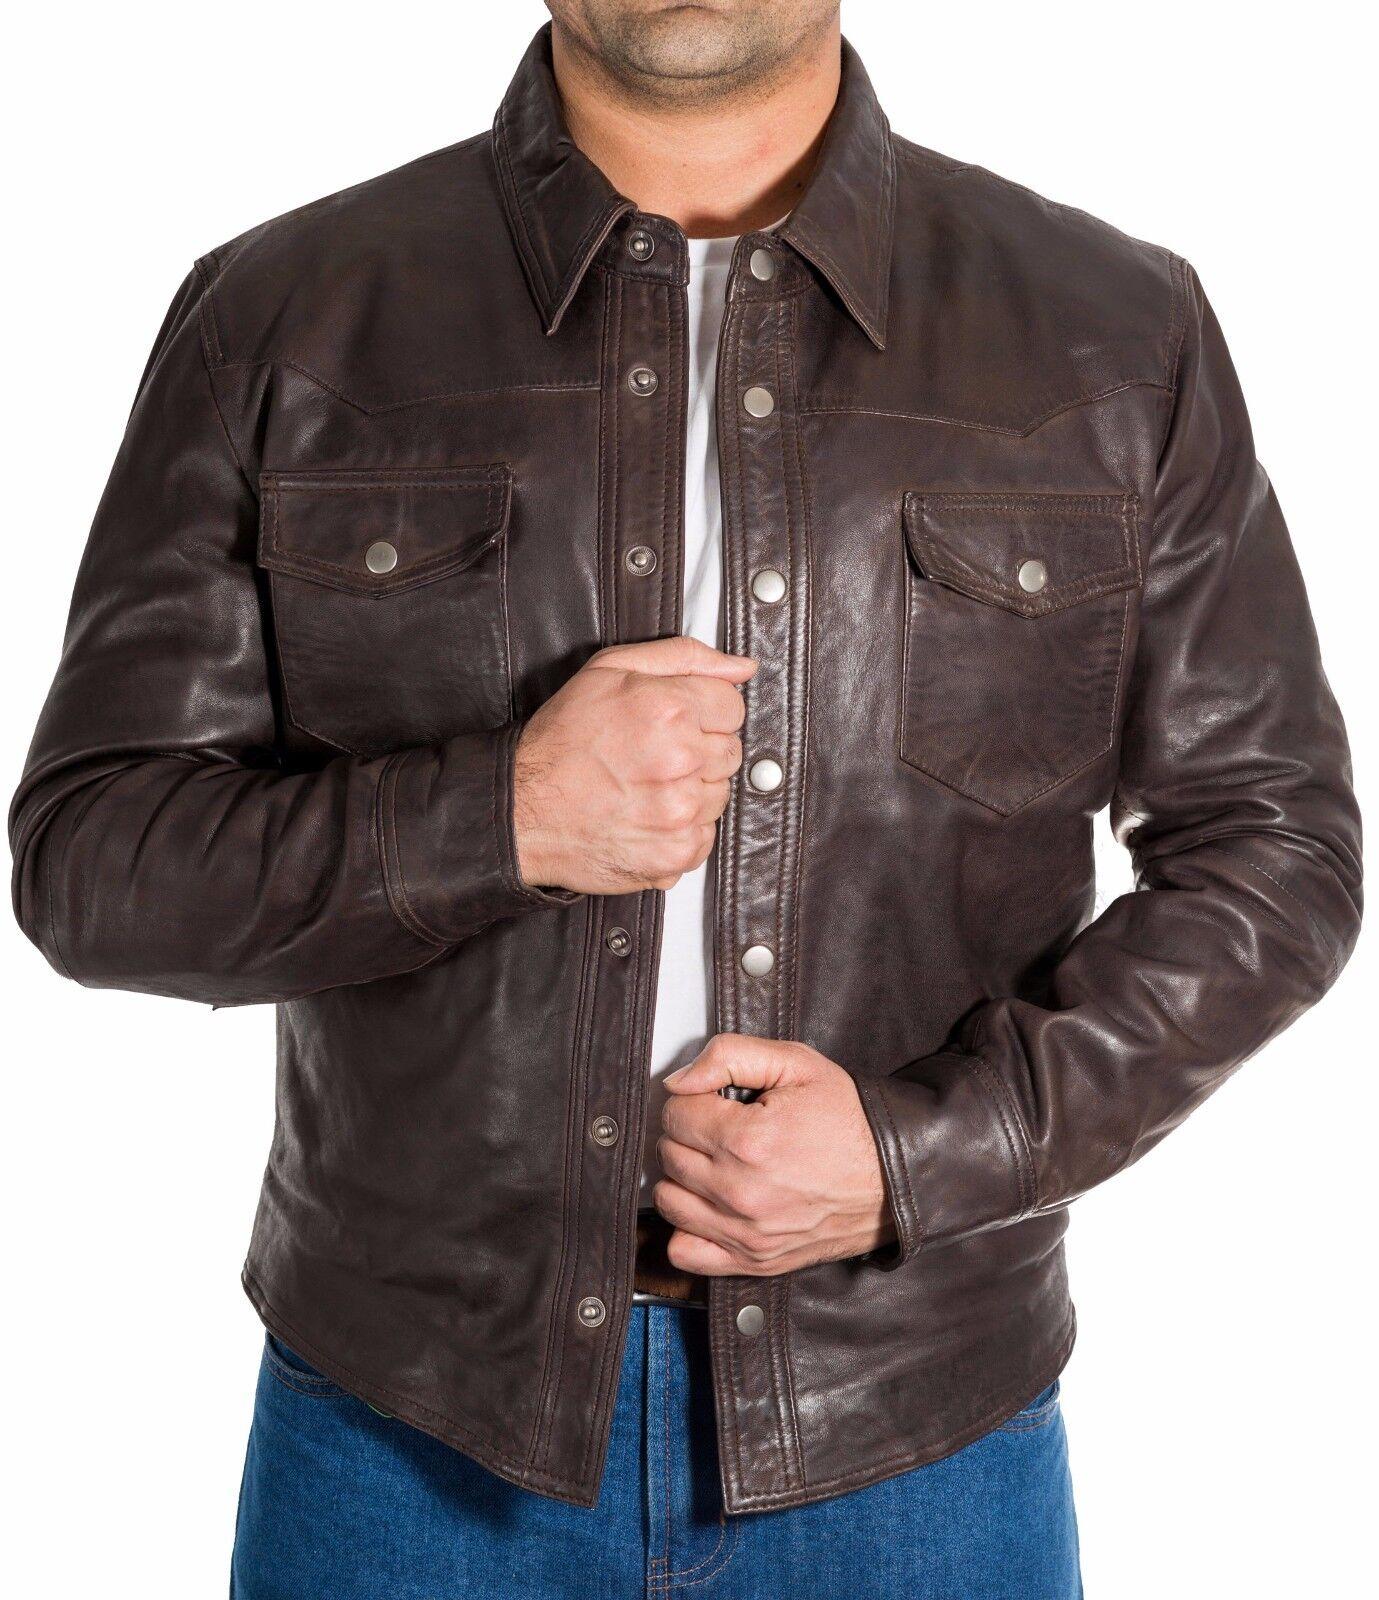 Hombre Cuero Marrón Clásico Camisa Corte Slim Stud Botones Denim Chaqueta Estilo